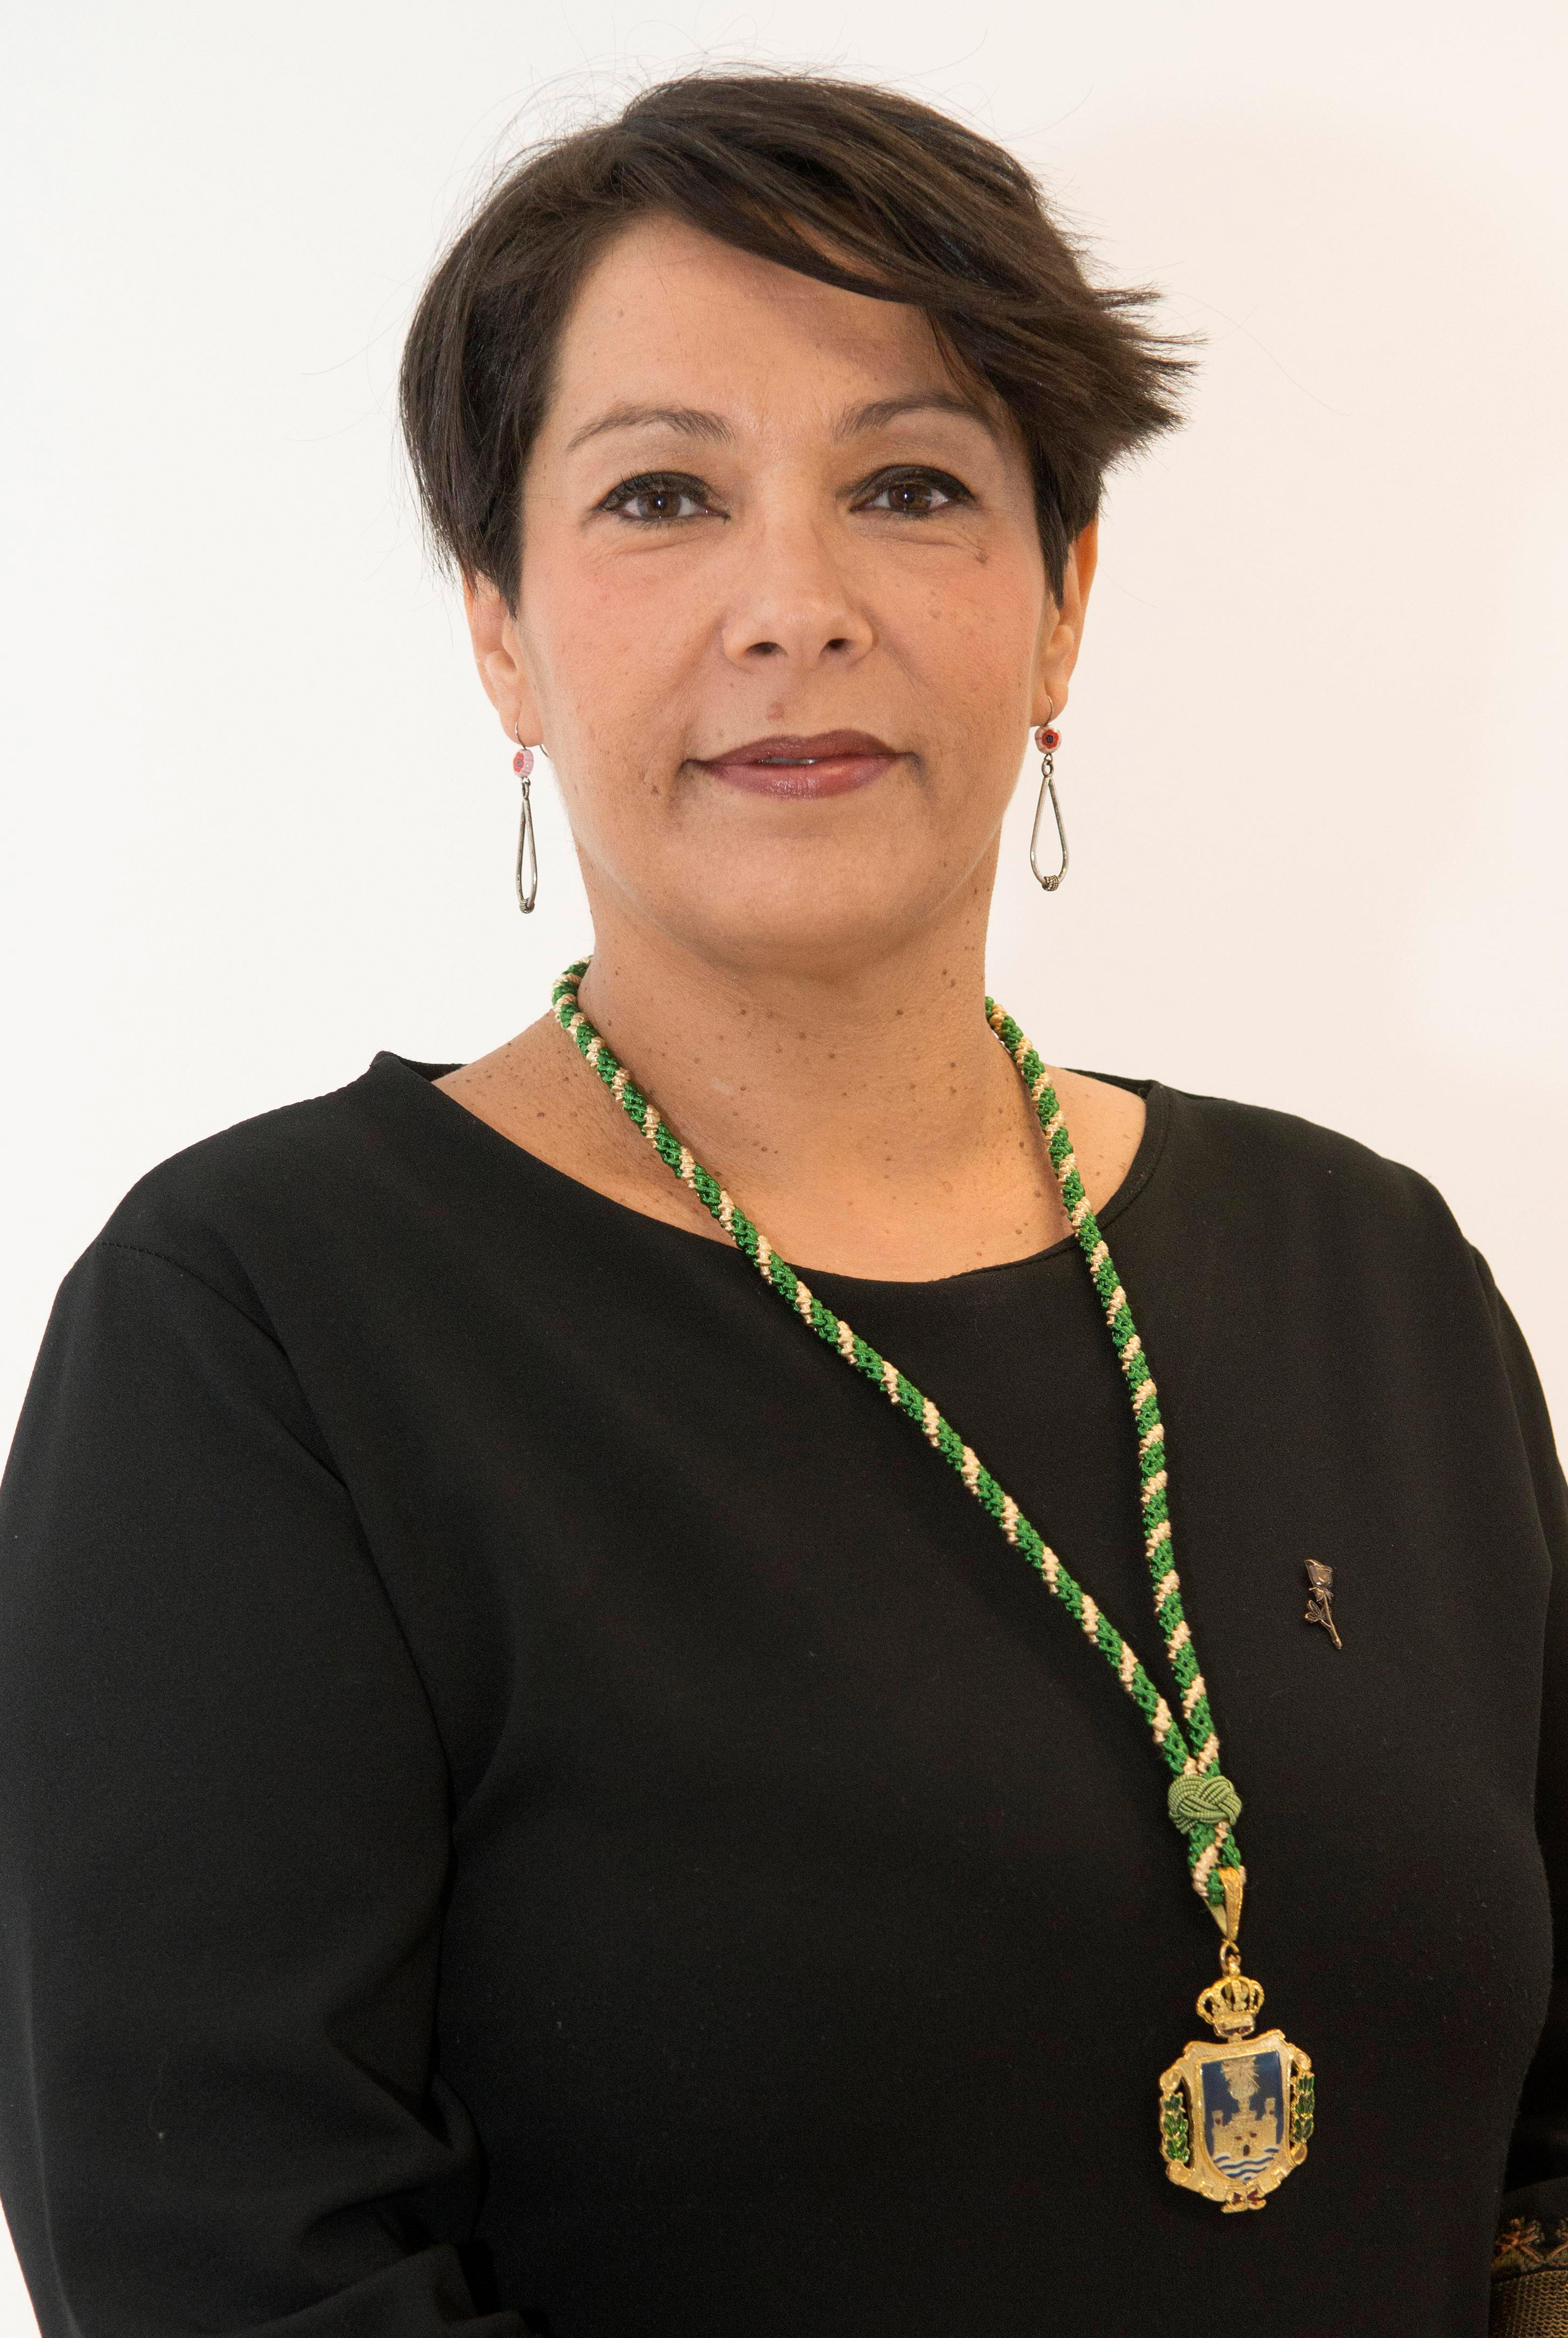 Mónica Jiménez Álvarez